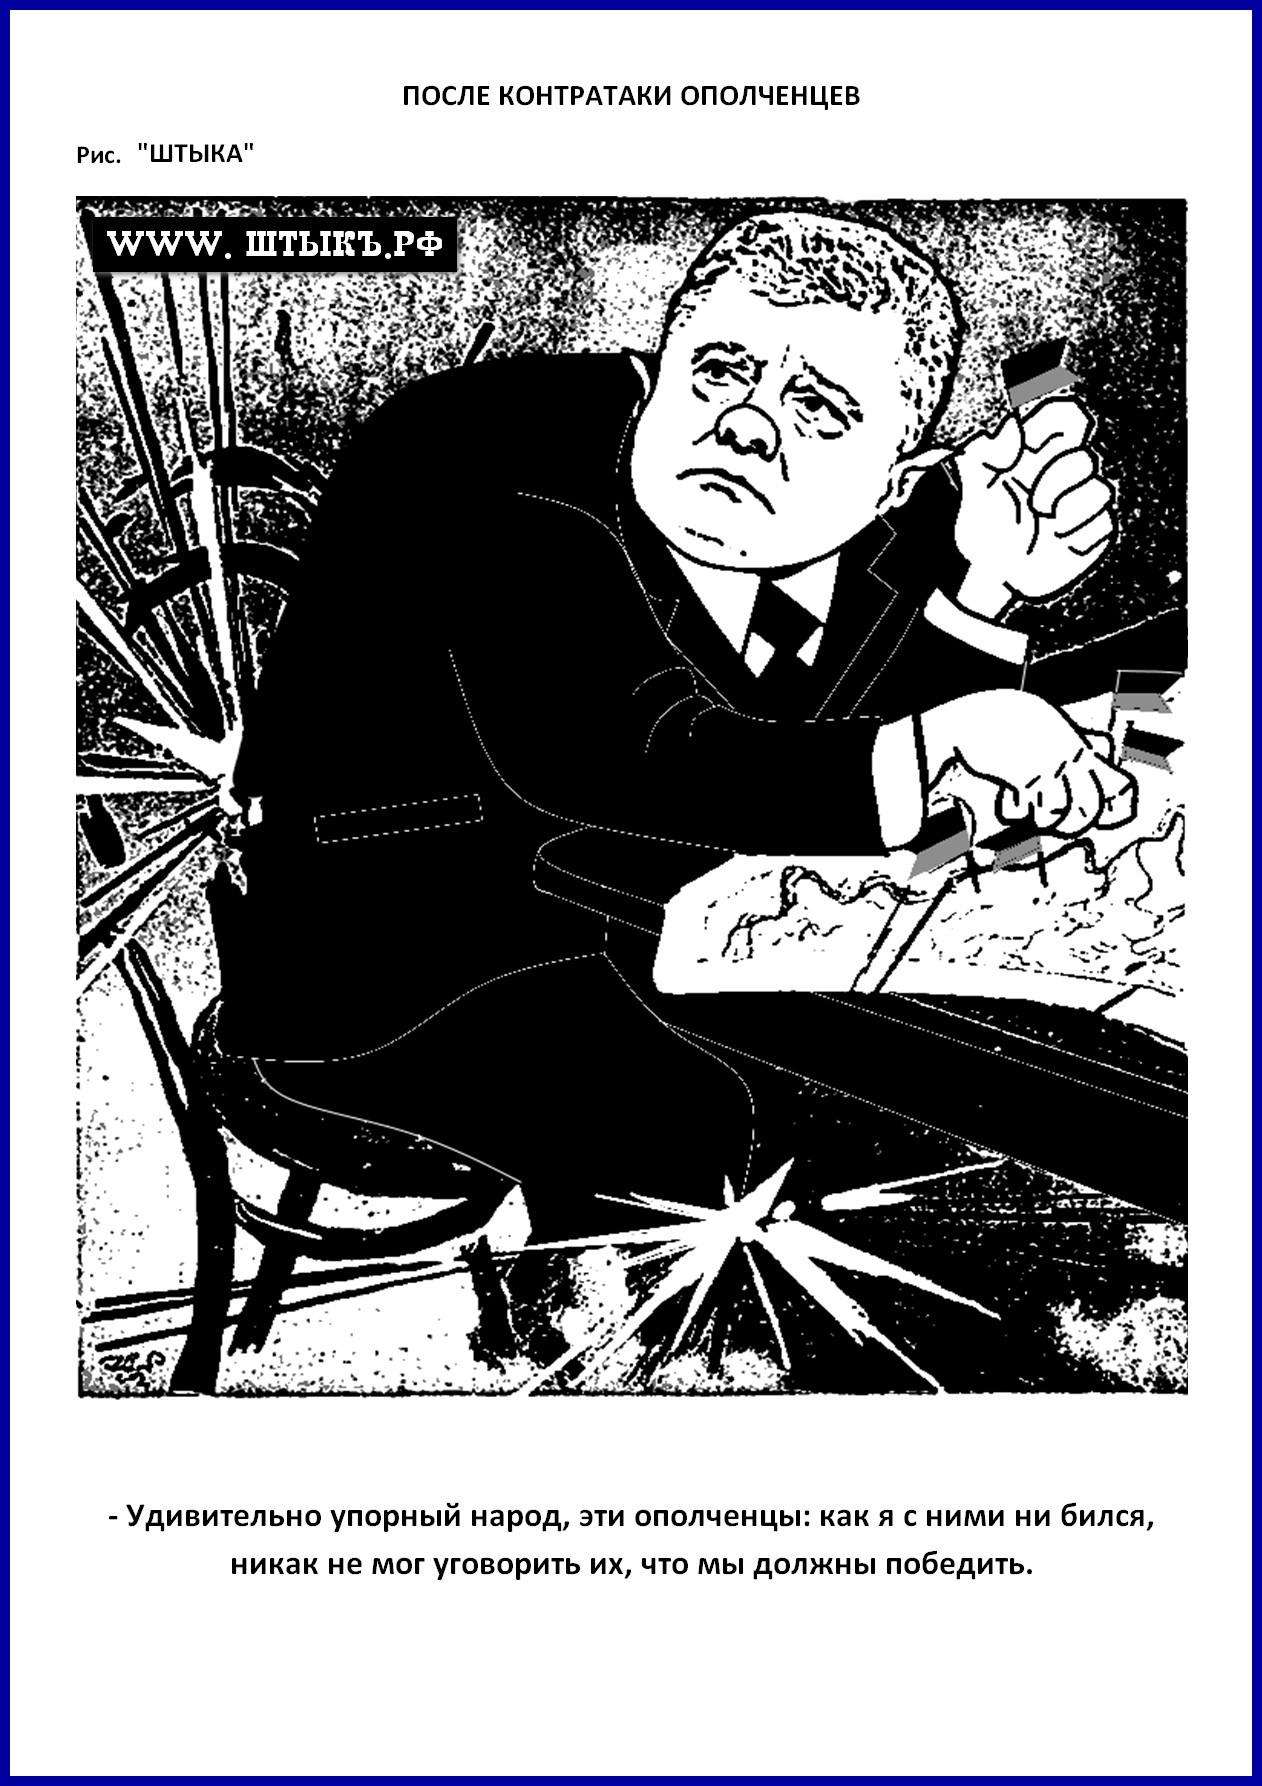 Карикатура на порошенко